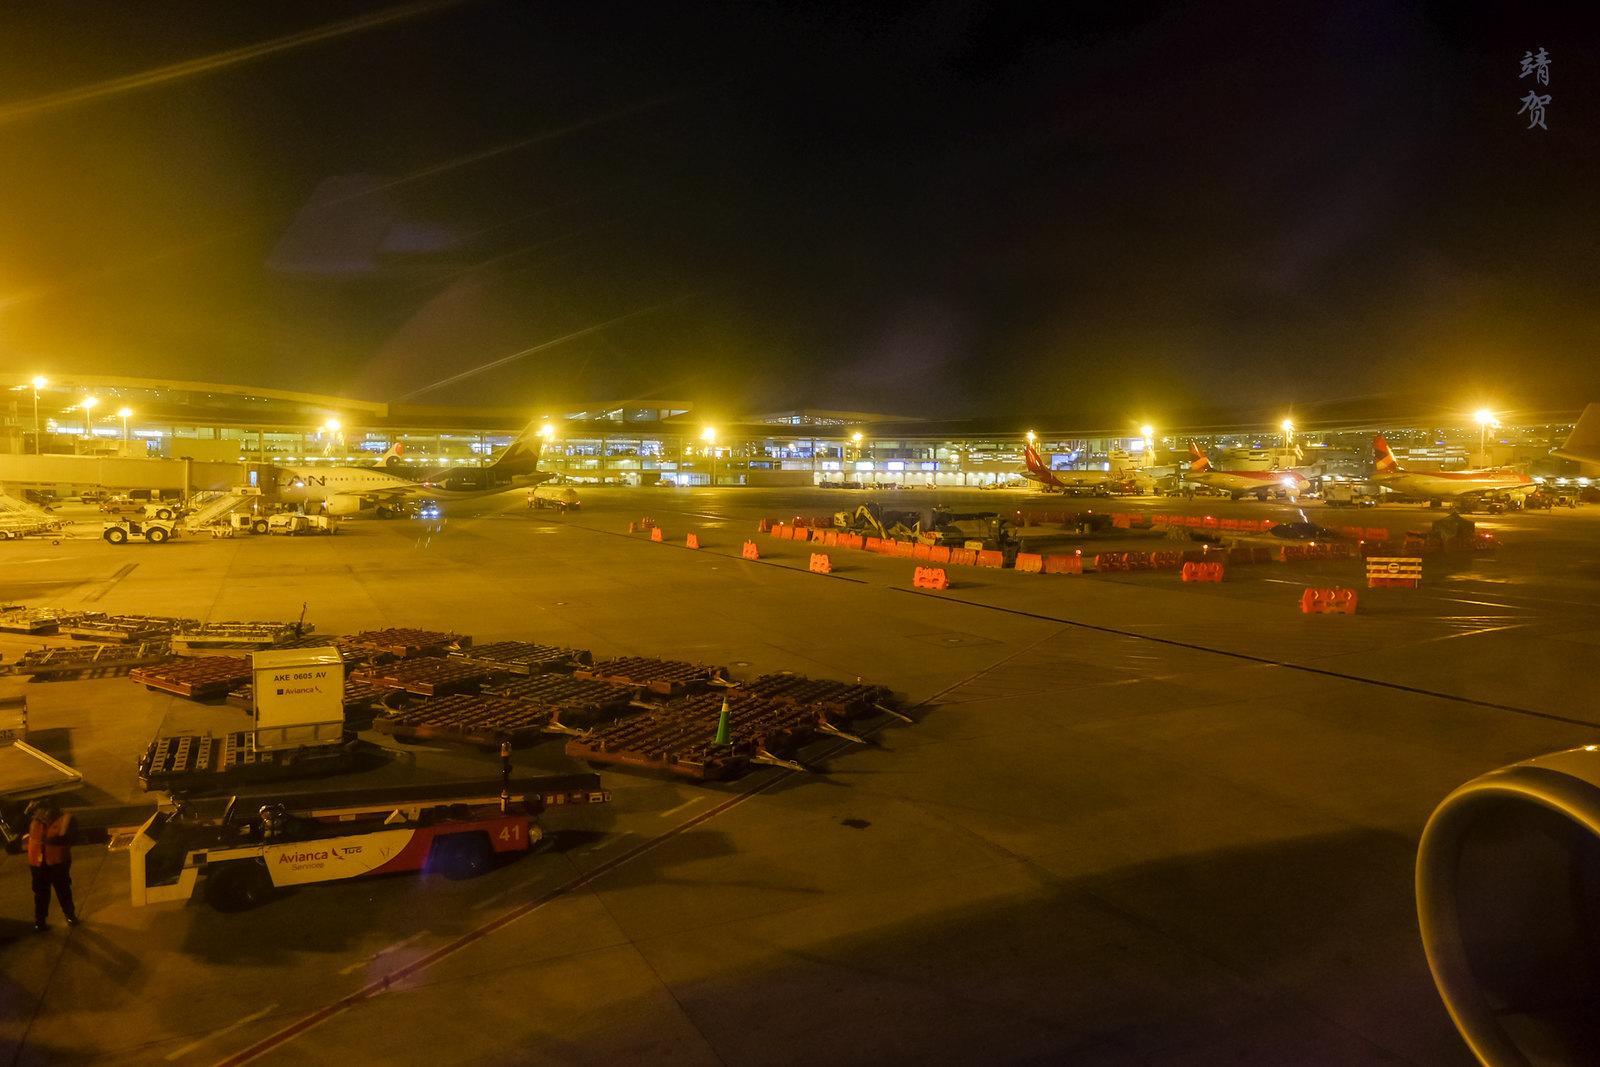 Arrival at Bogotá